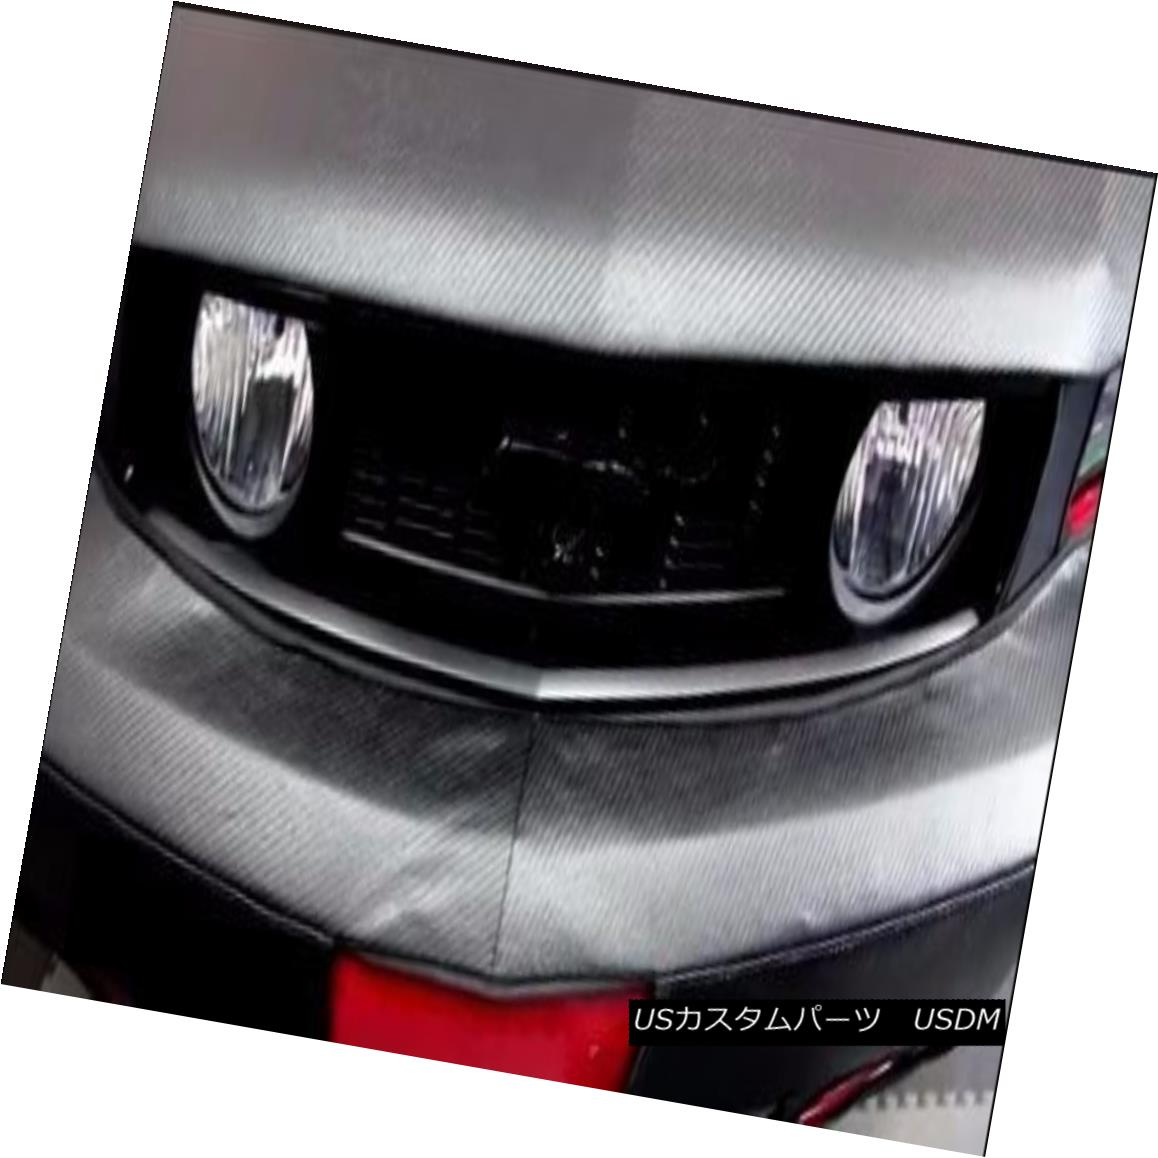 フルブラ ノーズブラ Colgan Front End Mask Bra CF 2pc. Fits Hyundai Sonata & Hybrid 15-2016 W/O Tag コルガンフロントエンドマスクブラ2pc。 現代ソナタ& ハイブリッド15-2016 W / Oタグ